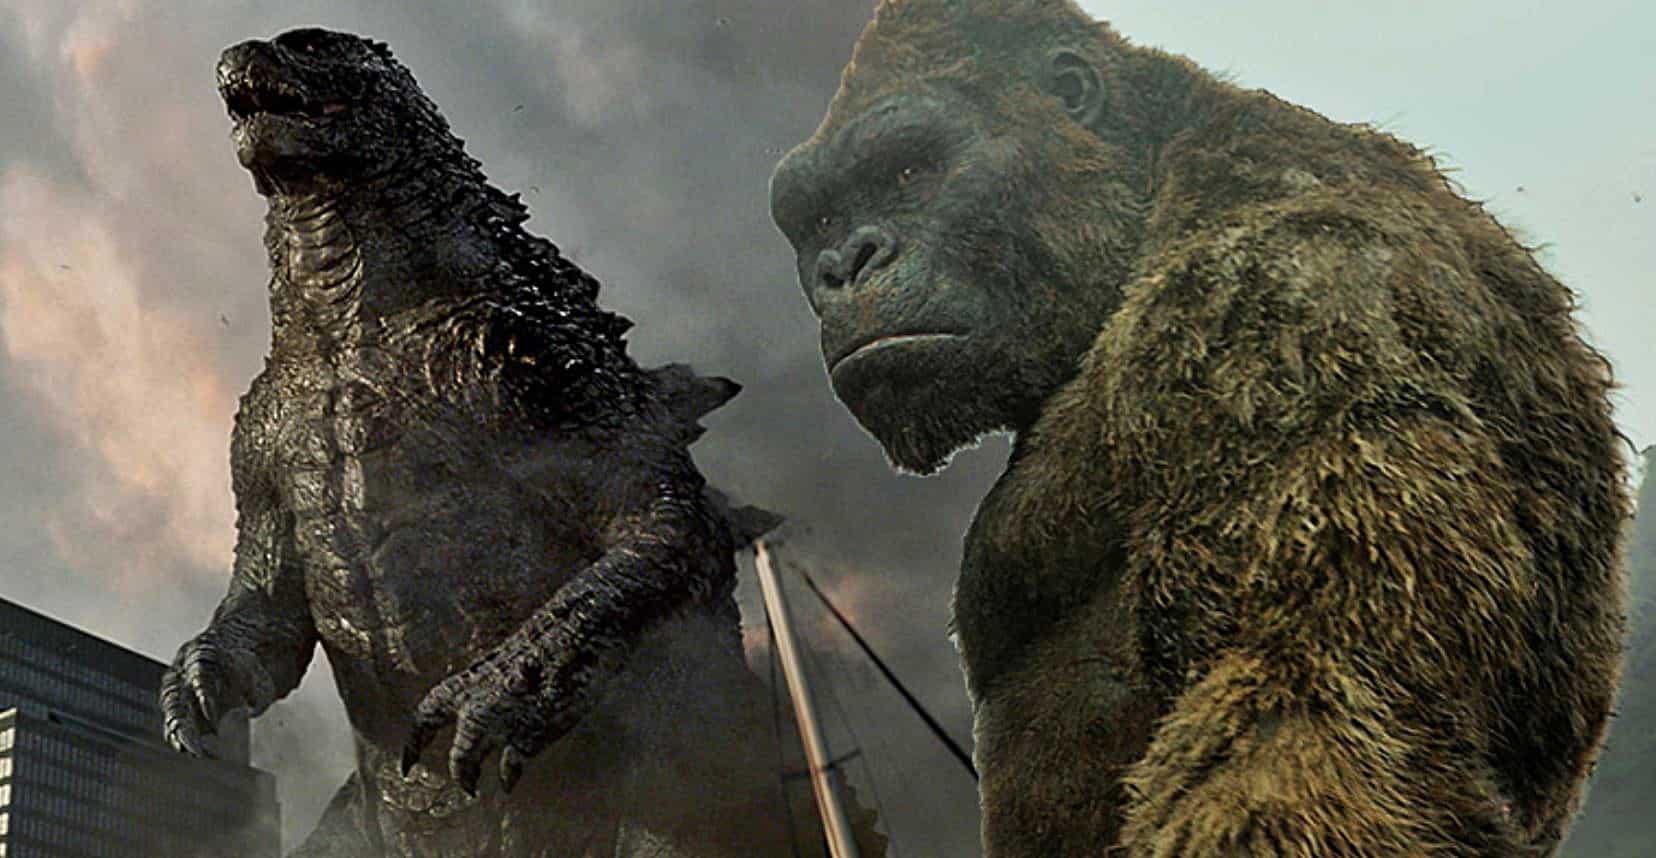 'Godzilla vs. Kong' Begins Production; Official Synopsis ...